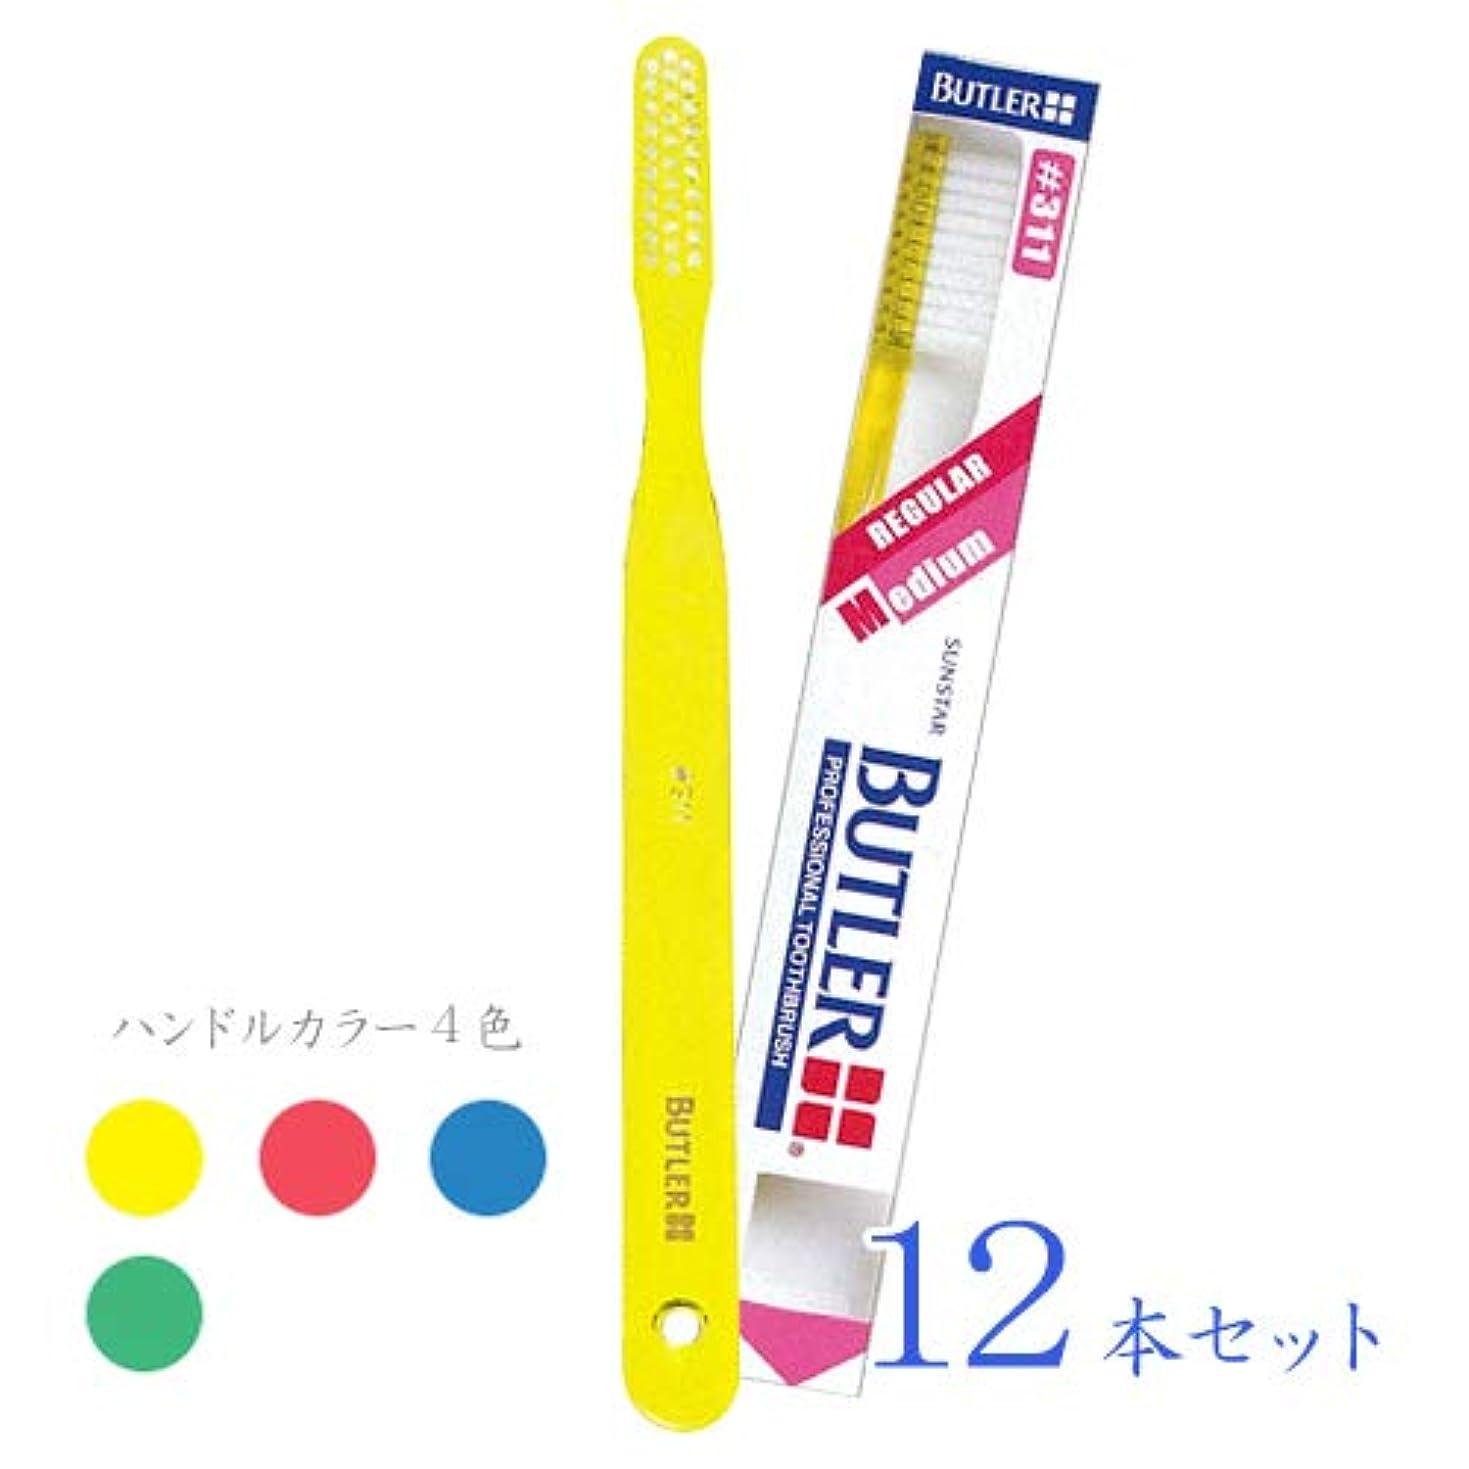 詩よろしく所得【サンスター/バトラー】【歯科用】バトラー歯ブラシ #311 12本【歯ブラシ】【ふつう】ハンドルカラー6色(アソート)一般用(3列フラット)【バトラー #311】